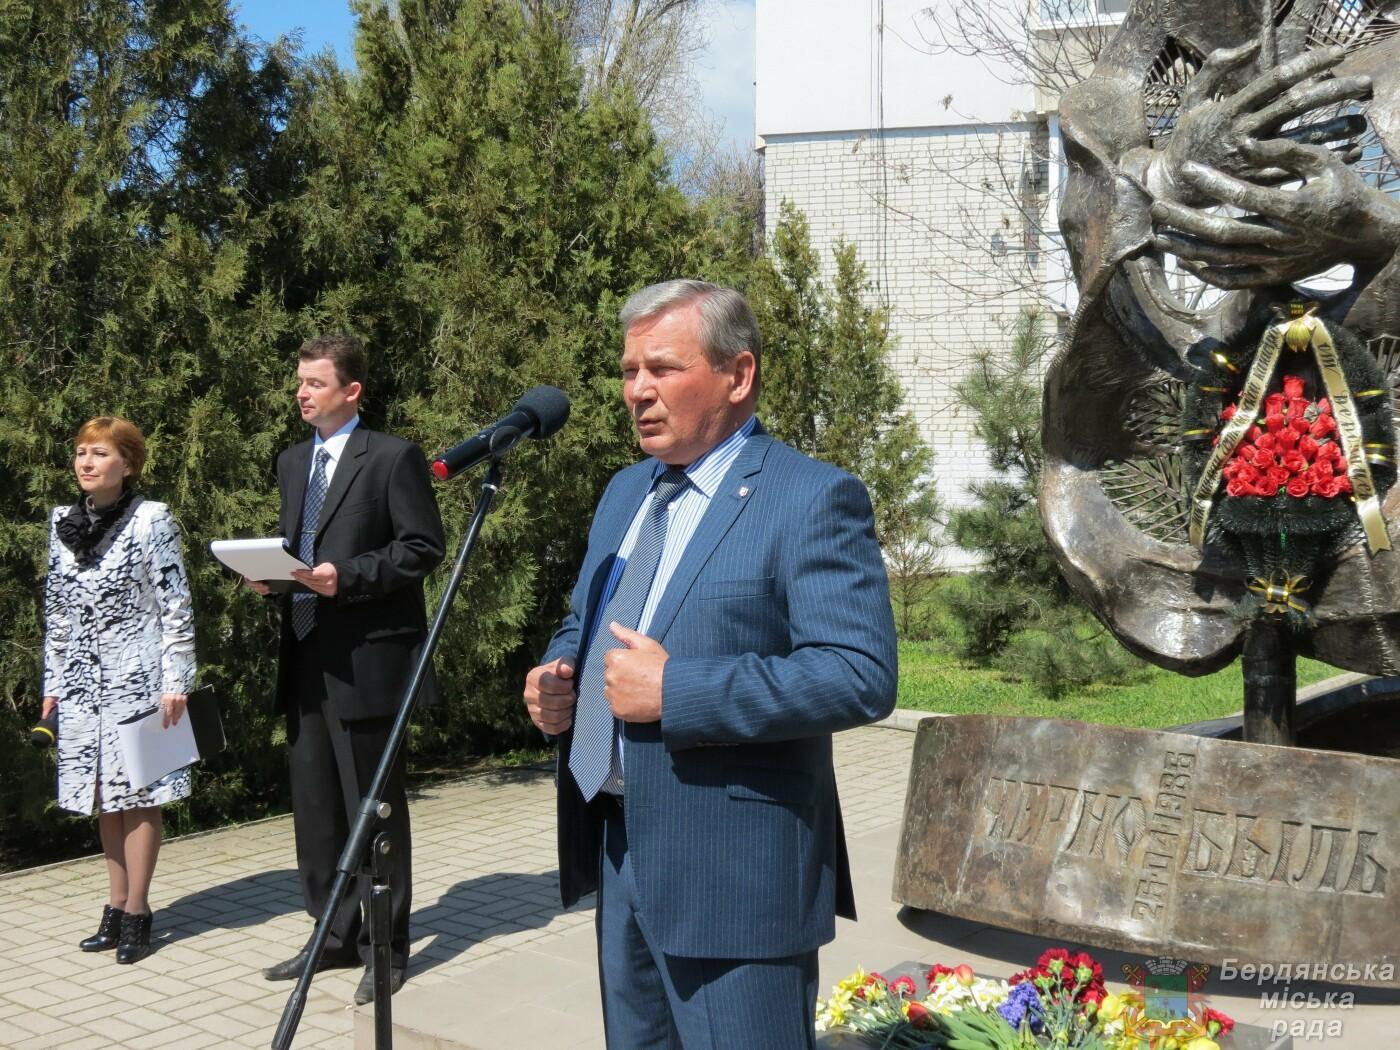 В Бердянске прошел митинг к 35-й годовщины аварии на Чернобыльской атомной электростанции, фото-9